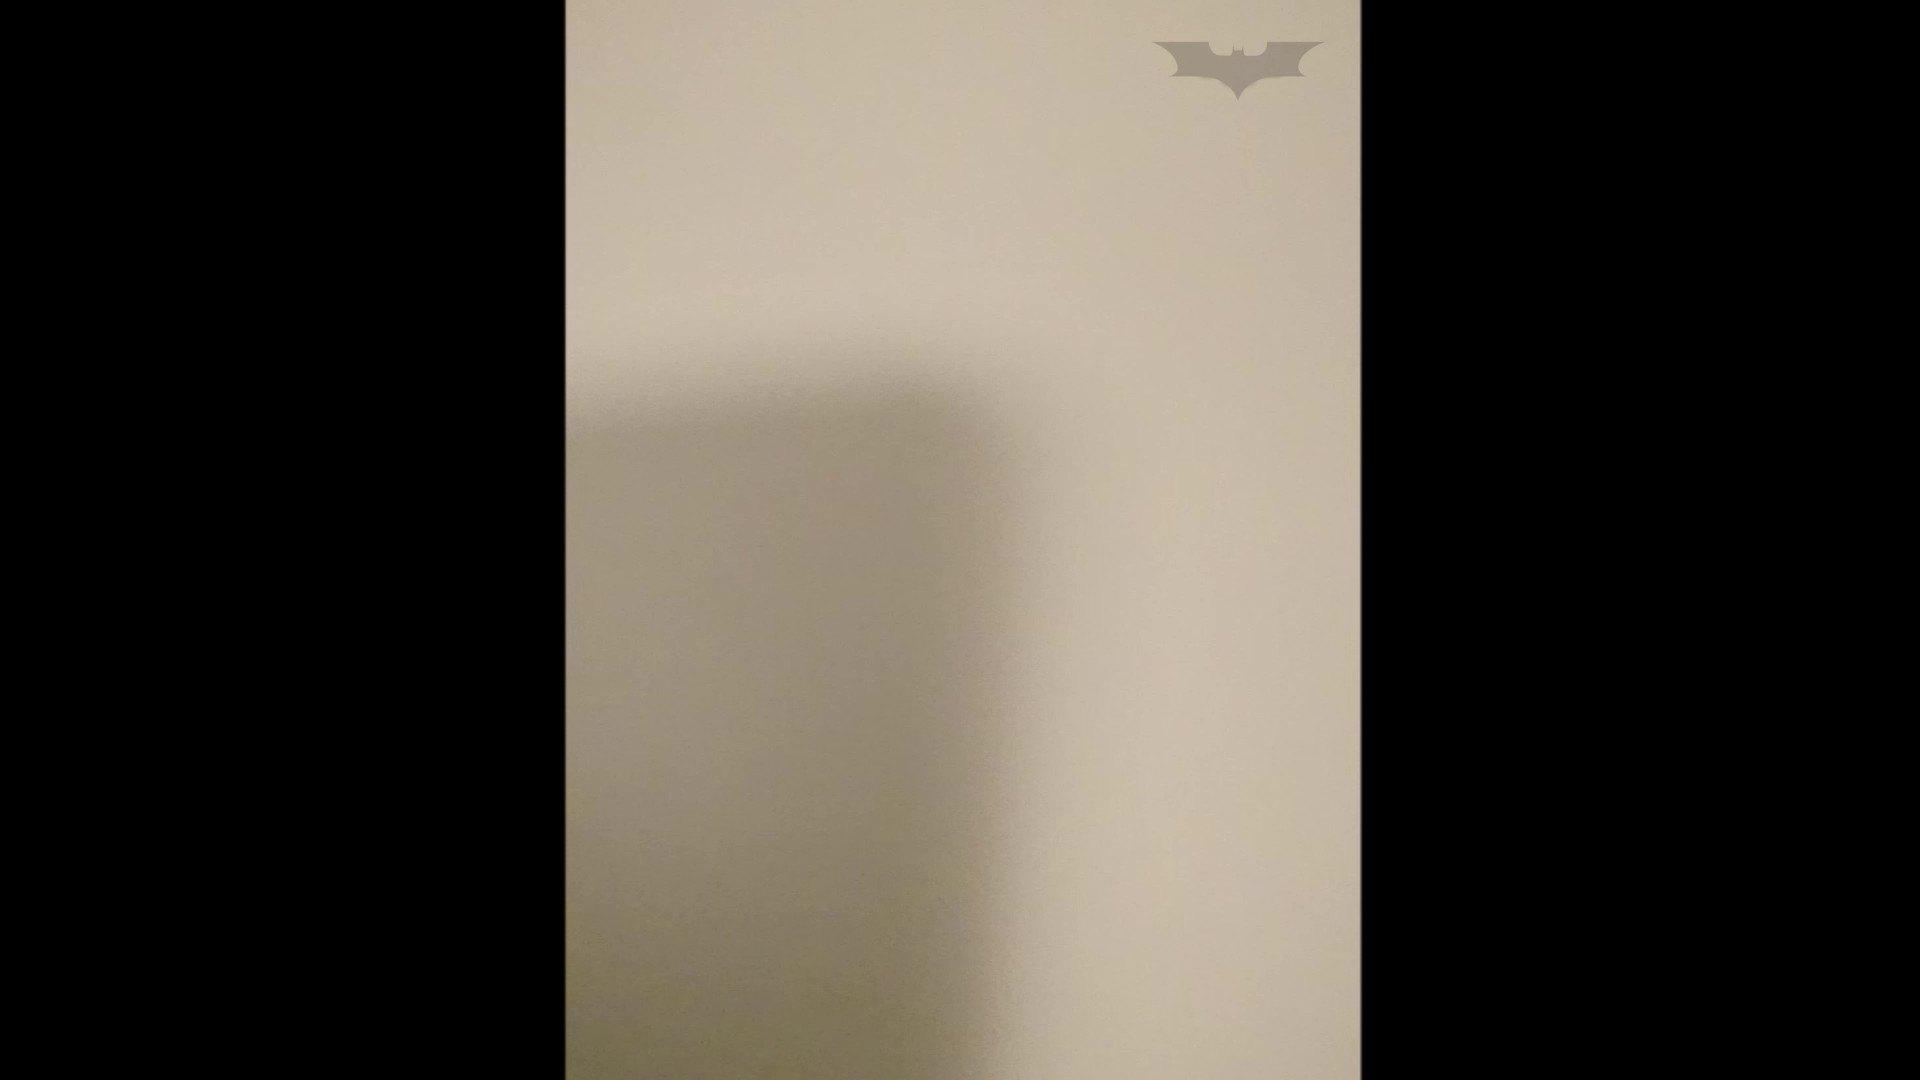 化粧室絵巻 ショッピングモール編 VOL.03 高画質  105Pix 73